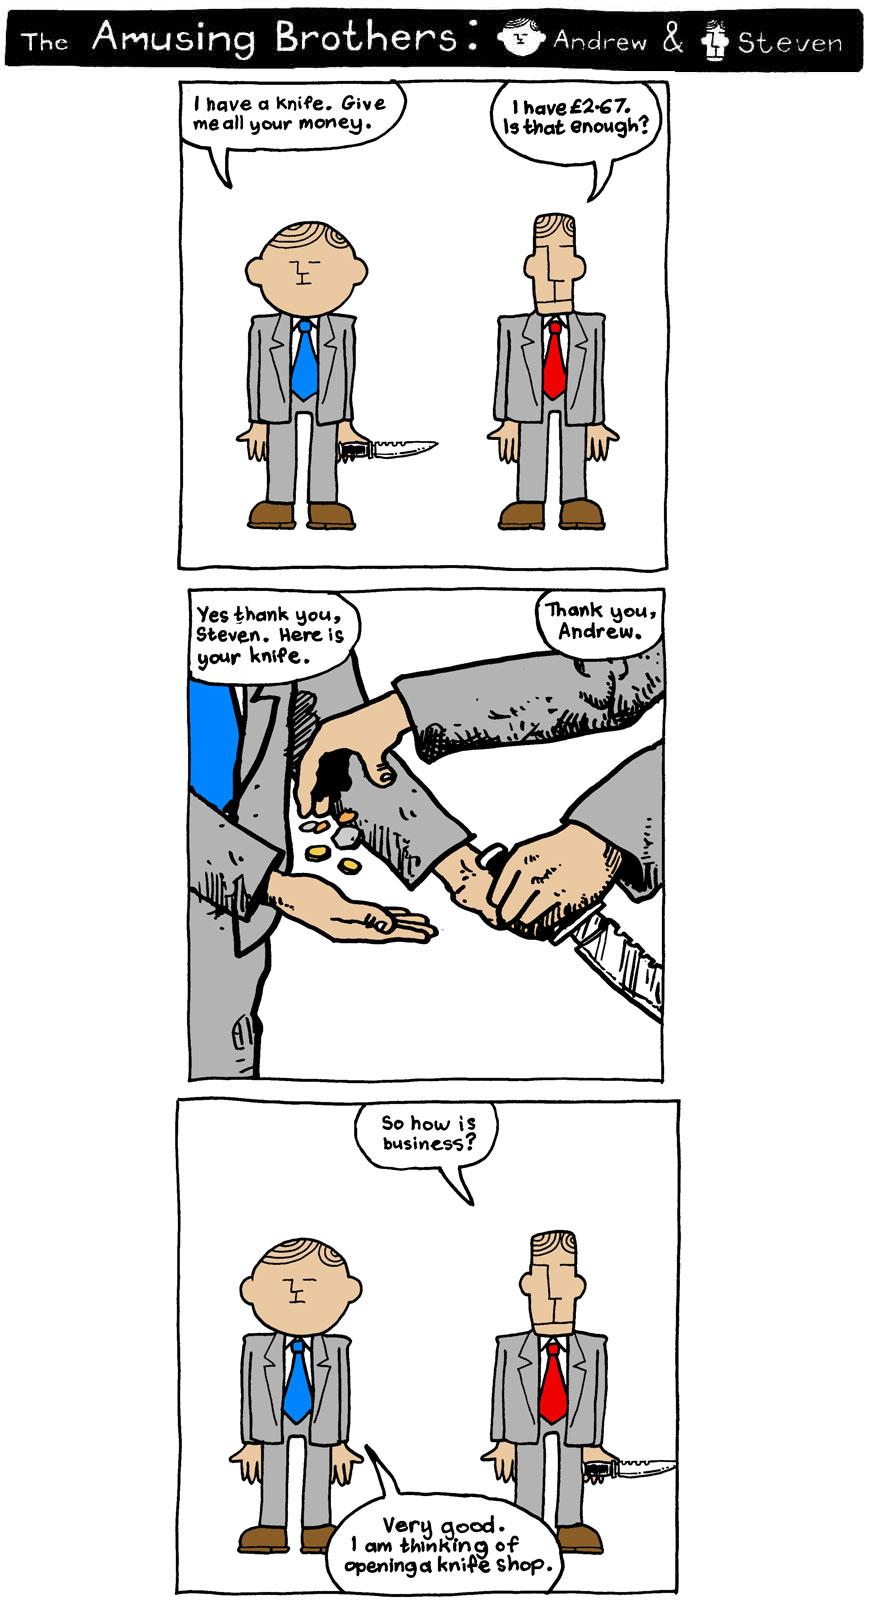 moamusingknife